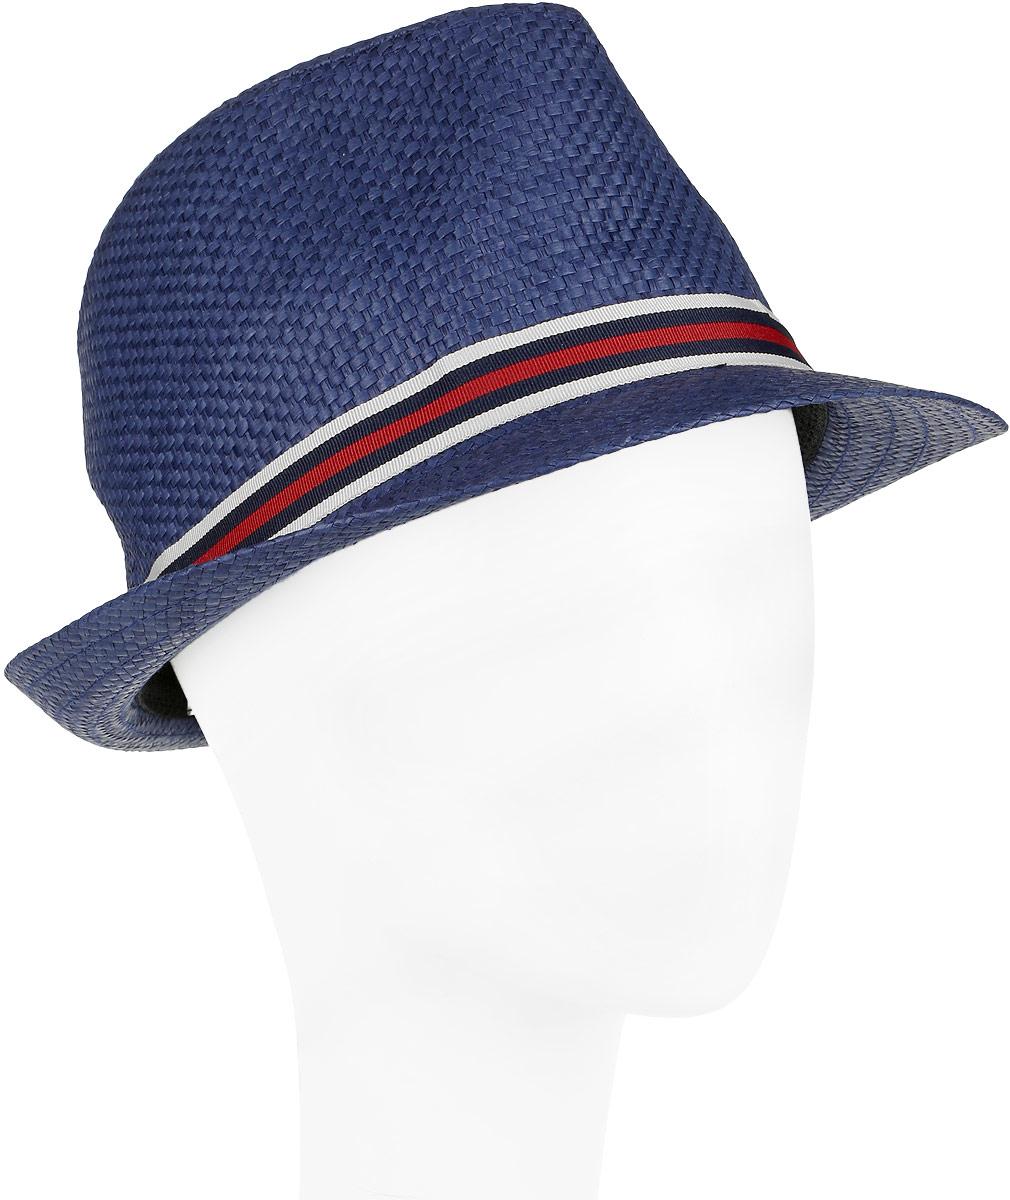 Шляпа женская Fabretti, цвет: голубой. V1-5. Размер универсальныйV1-5 BLUEСтильная шляпа для пляжного отдыха и прогулок в солнечные дни.